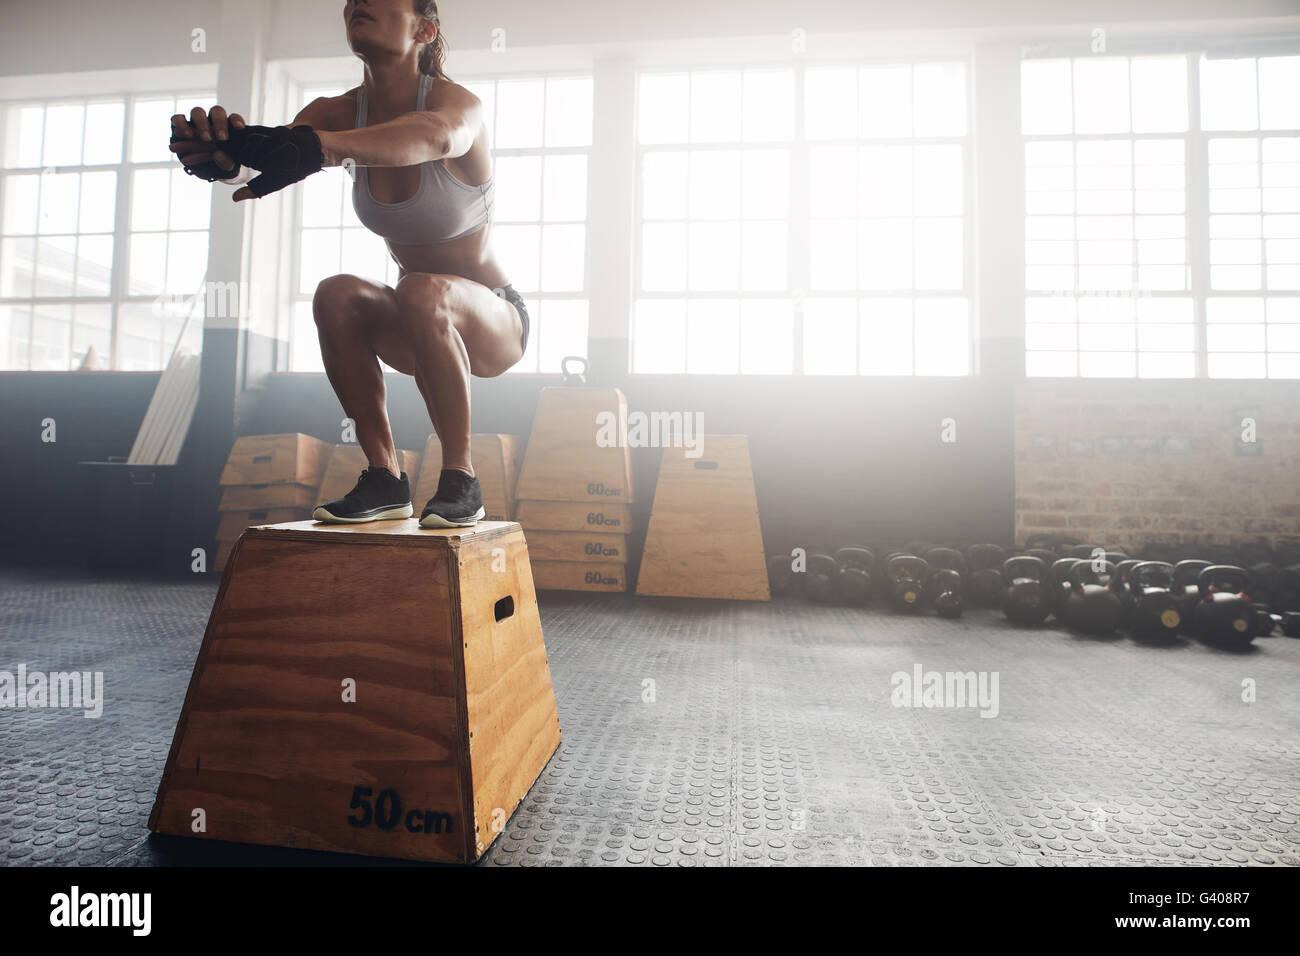 Aufnahme einer jungen Frau springt auf ein Feld als Teil der Routine-Übung. Fitness-Frau dabei Feld springen Stockbild